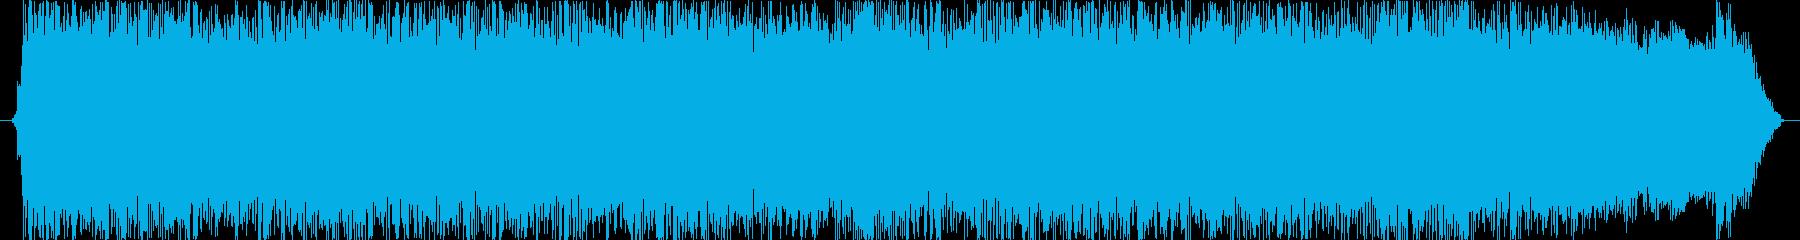 迫力ある力強いロック15秒。の再生済みの波形